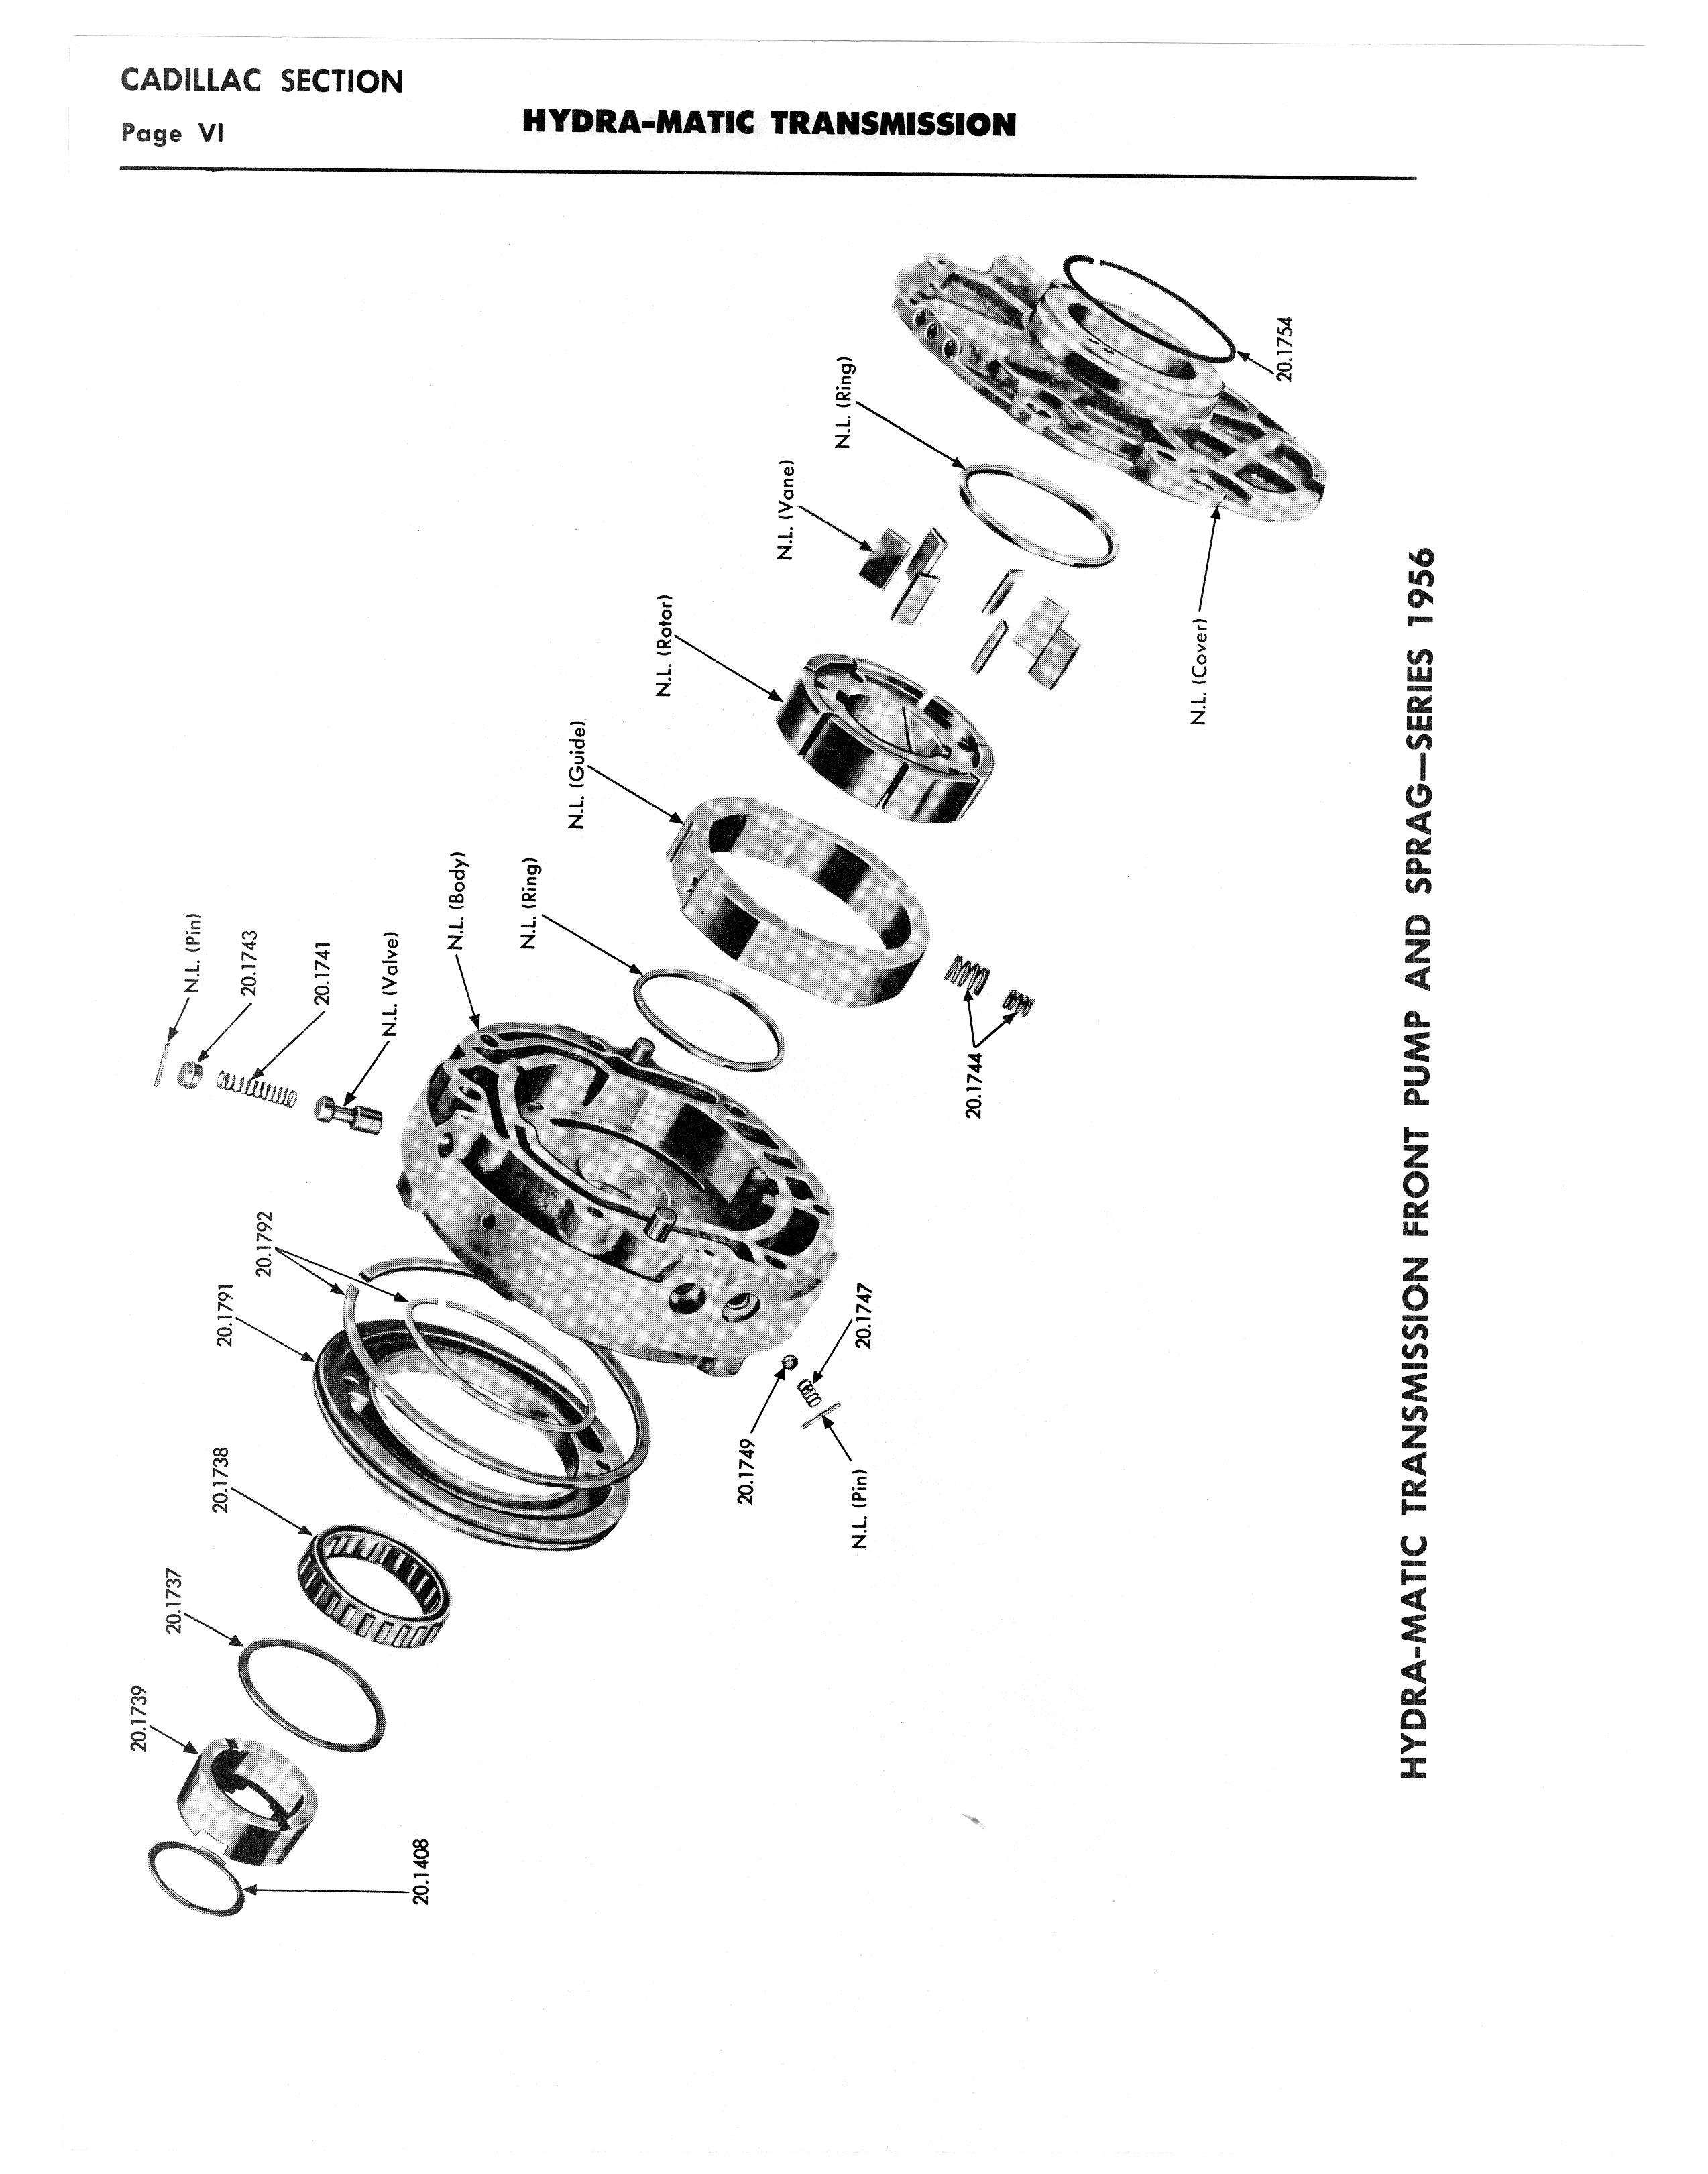 1956 Hydramatic Parts Catalog / 57HydramaticPartsCat0028.jpg